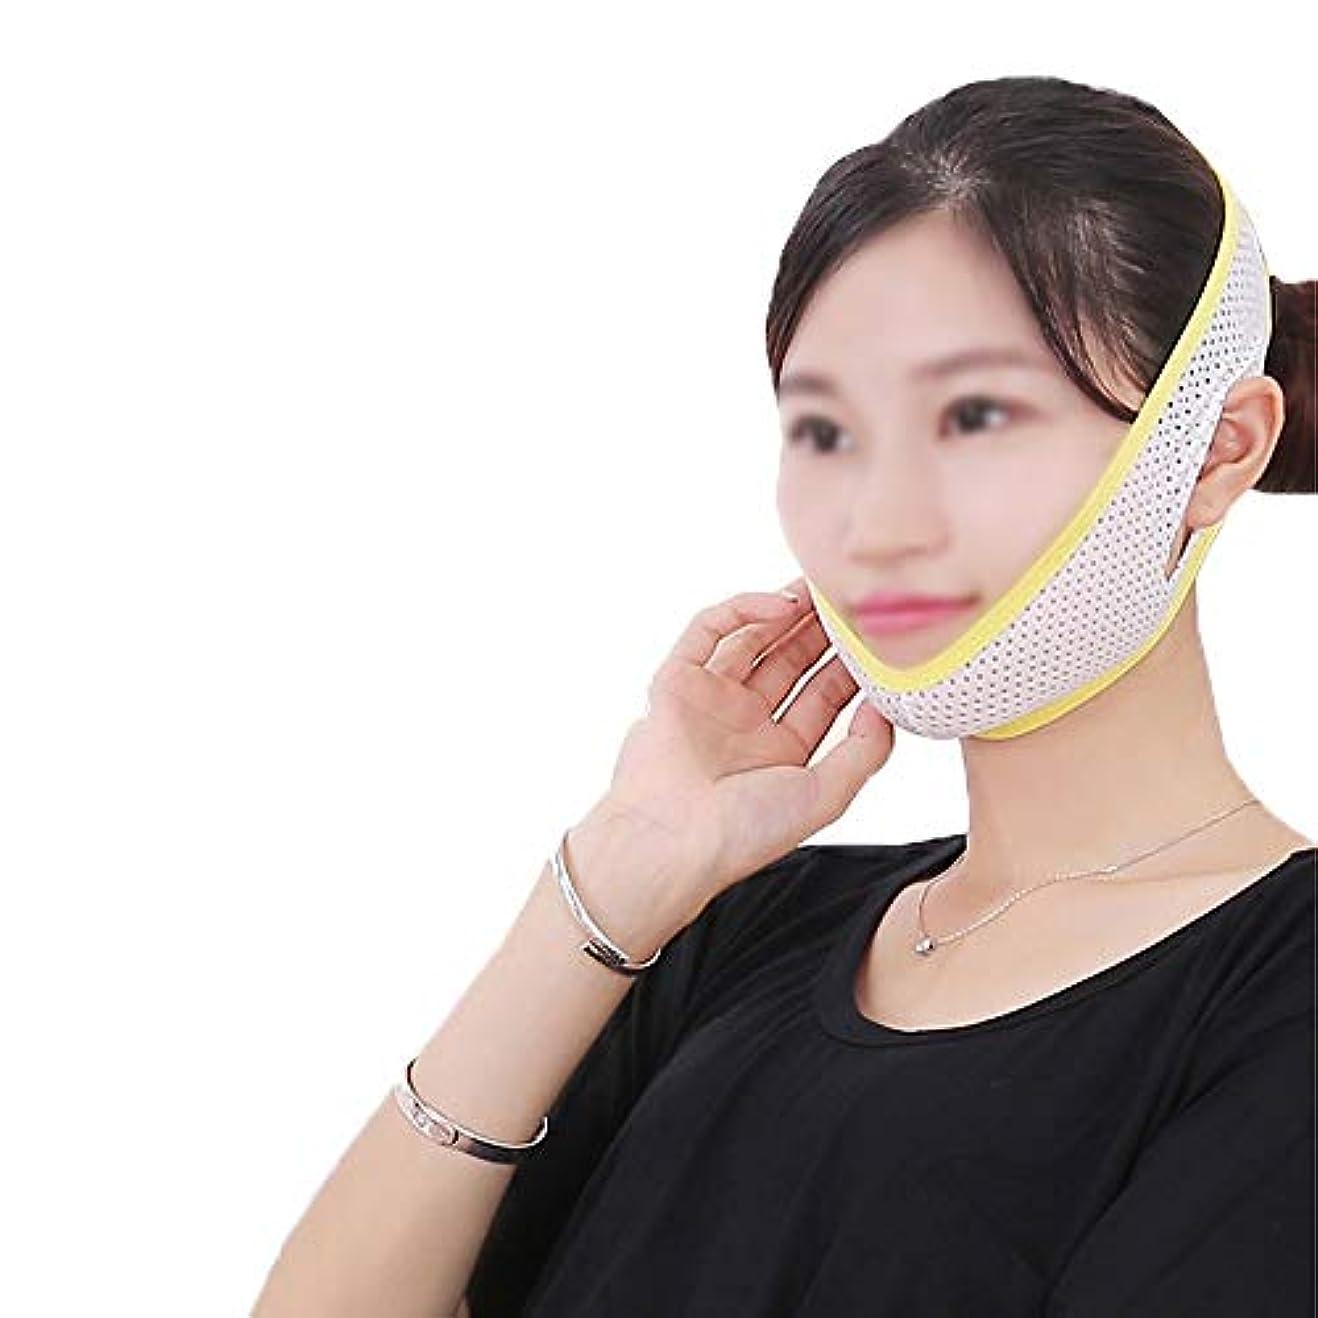 月報酬の特異なGLJJQMY 顔と首リフト薄いフェイスマスク強力な薄いフェイスツール締め付け薄いフェイスマスクアーティファクト薄いフェイス包帯薄い顔デバイス 顔用整形マスク (Size : M)